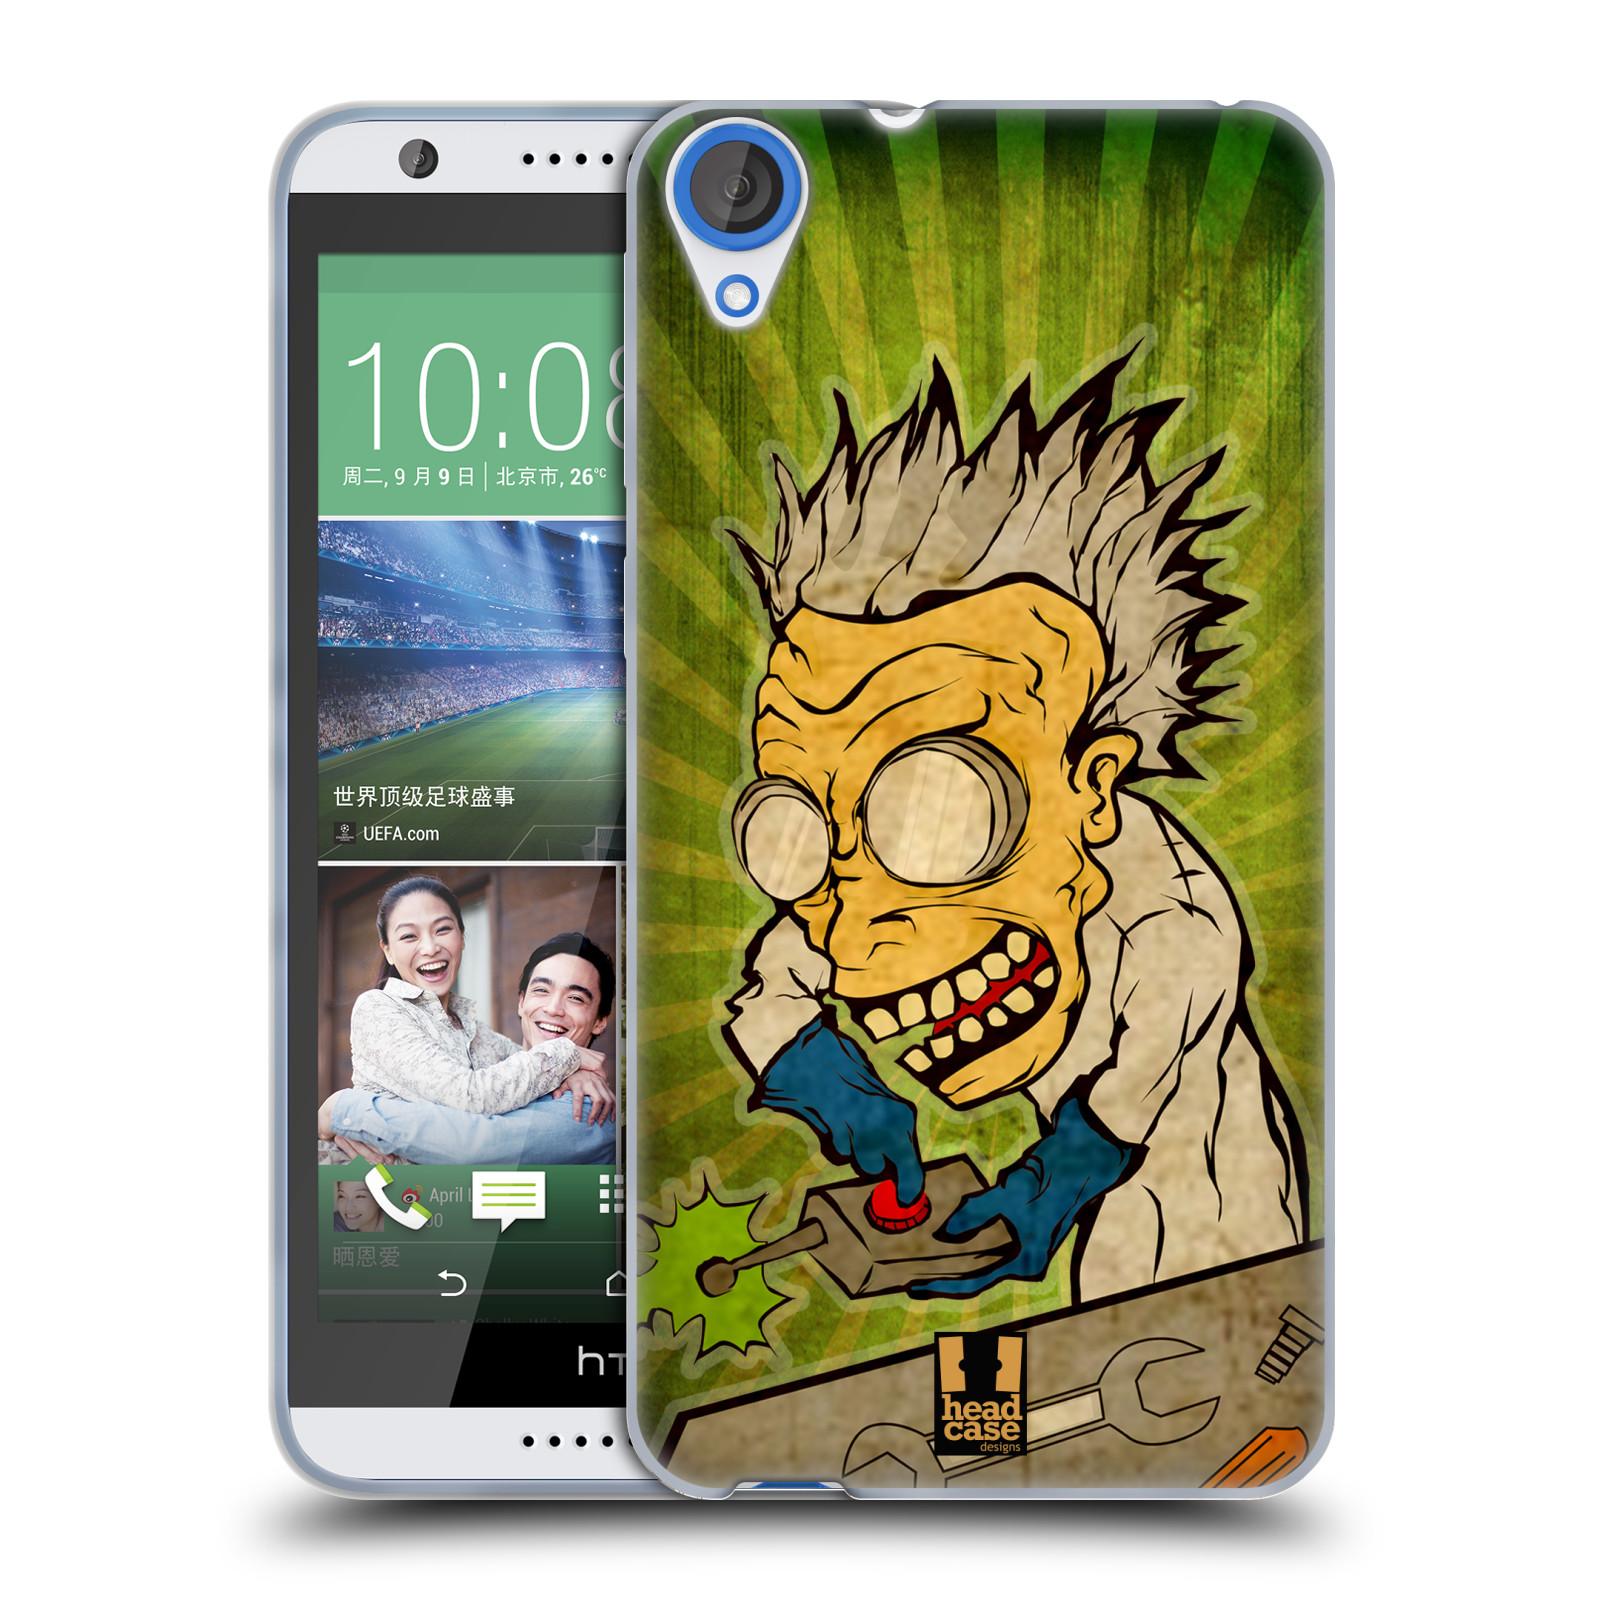 Silikonové pouzdro na mobil HTC Desire 820 HEAD CASE INFUSE (Silikonový kryt či obal na mobilní telefon HTC Desire 820)